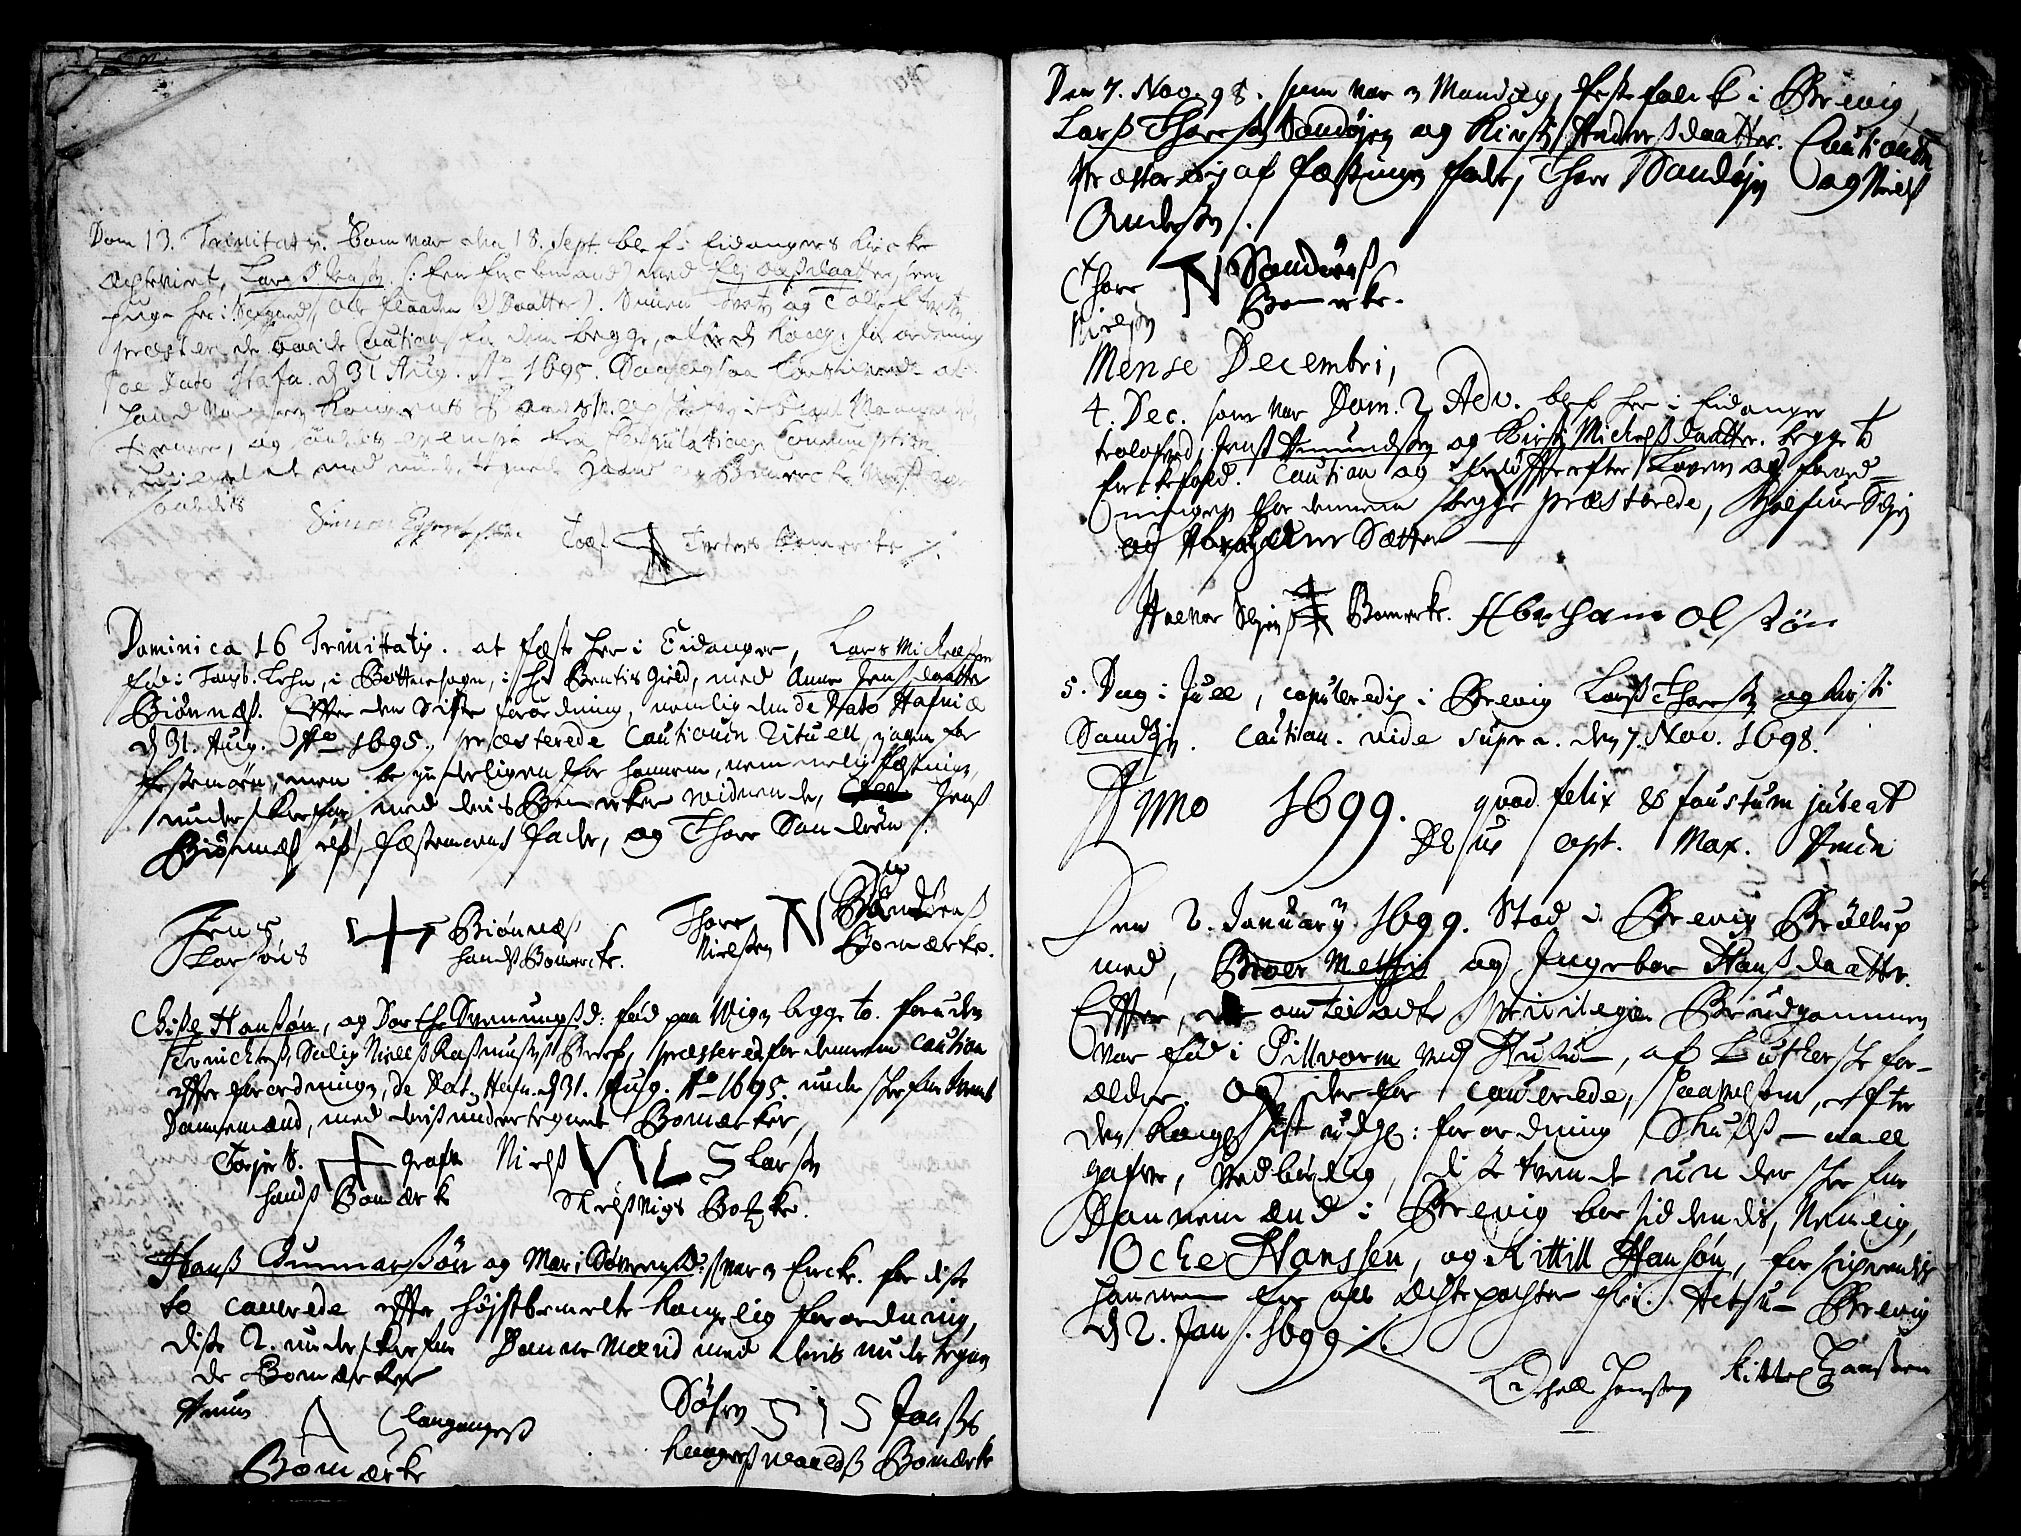 SAKO, Eidanger kirkebøker, F/Fa/L0001: Ministerialbok nr. 1, 1695-1717, s. 14